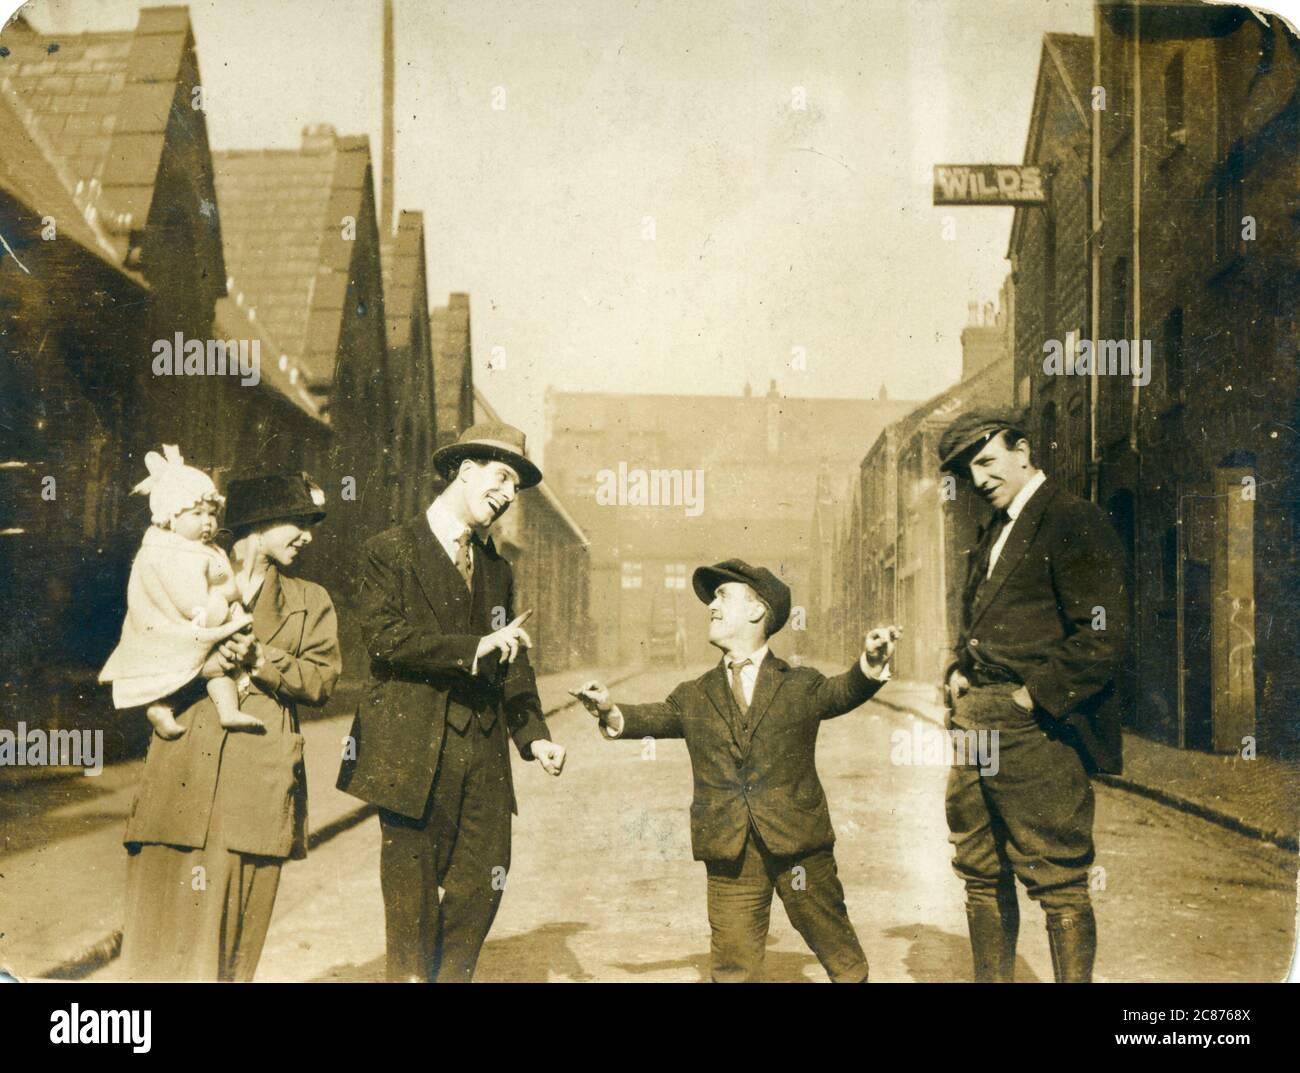 Gruppo di persone, forse familiari, tra cui un uomo a crescita limitata (narfismo), anni venti. Data: 1920 Foto Stock